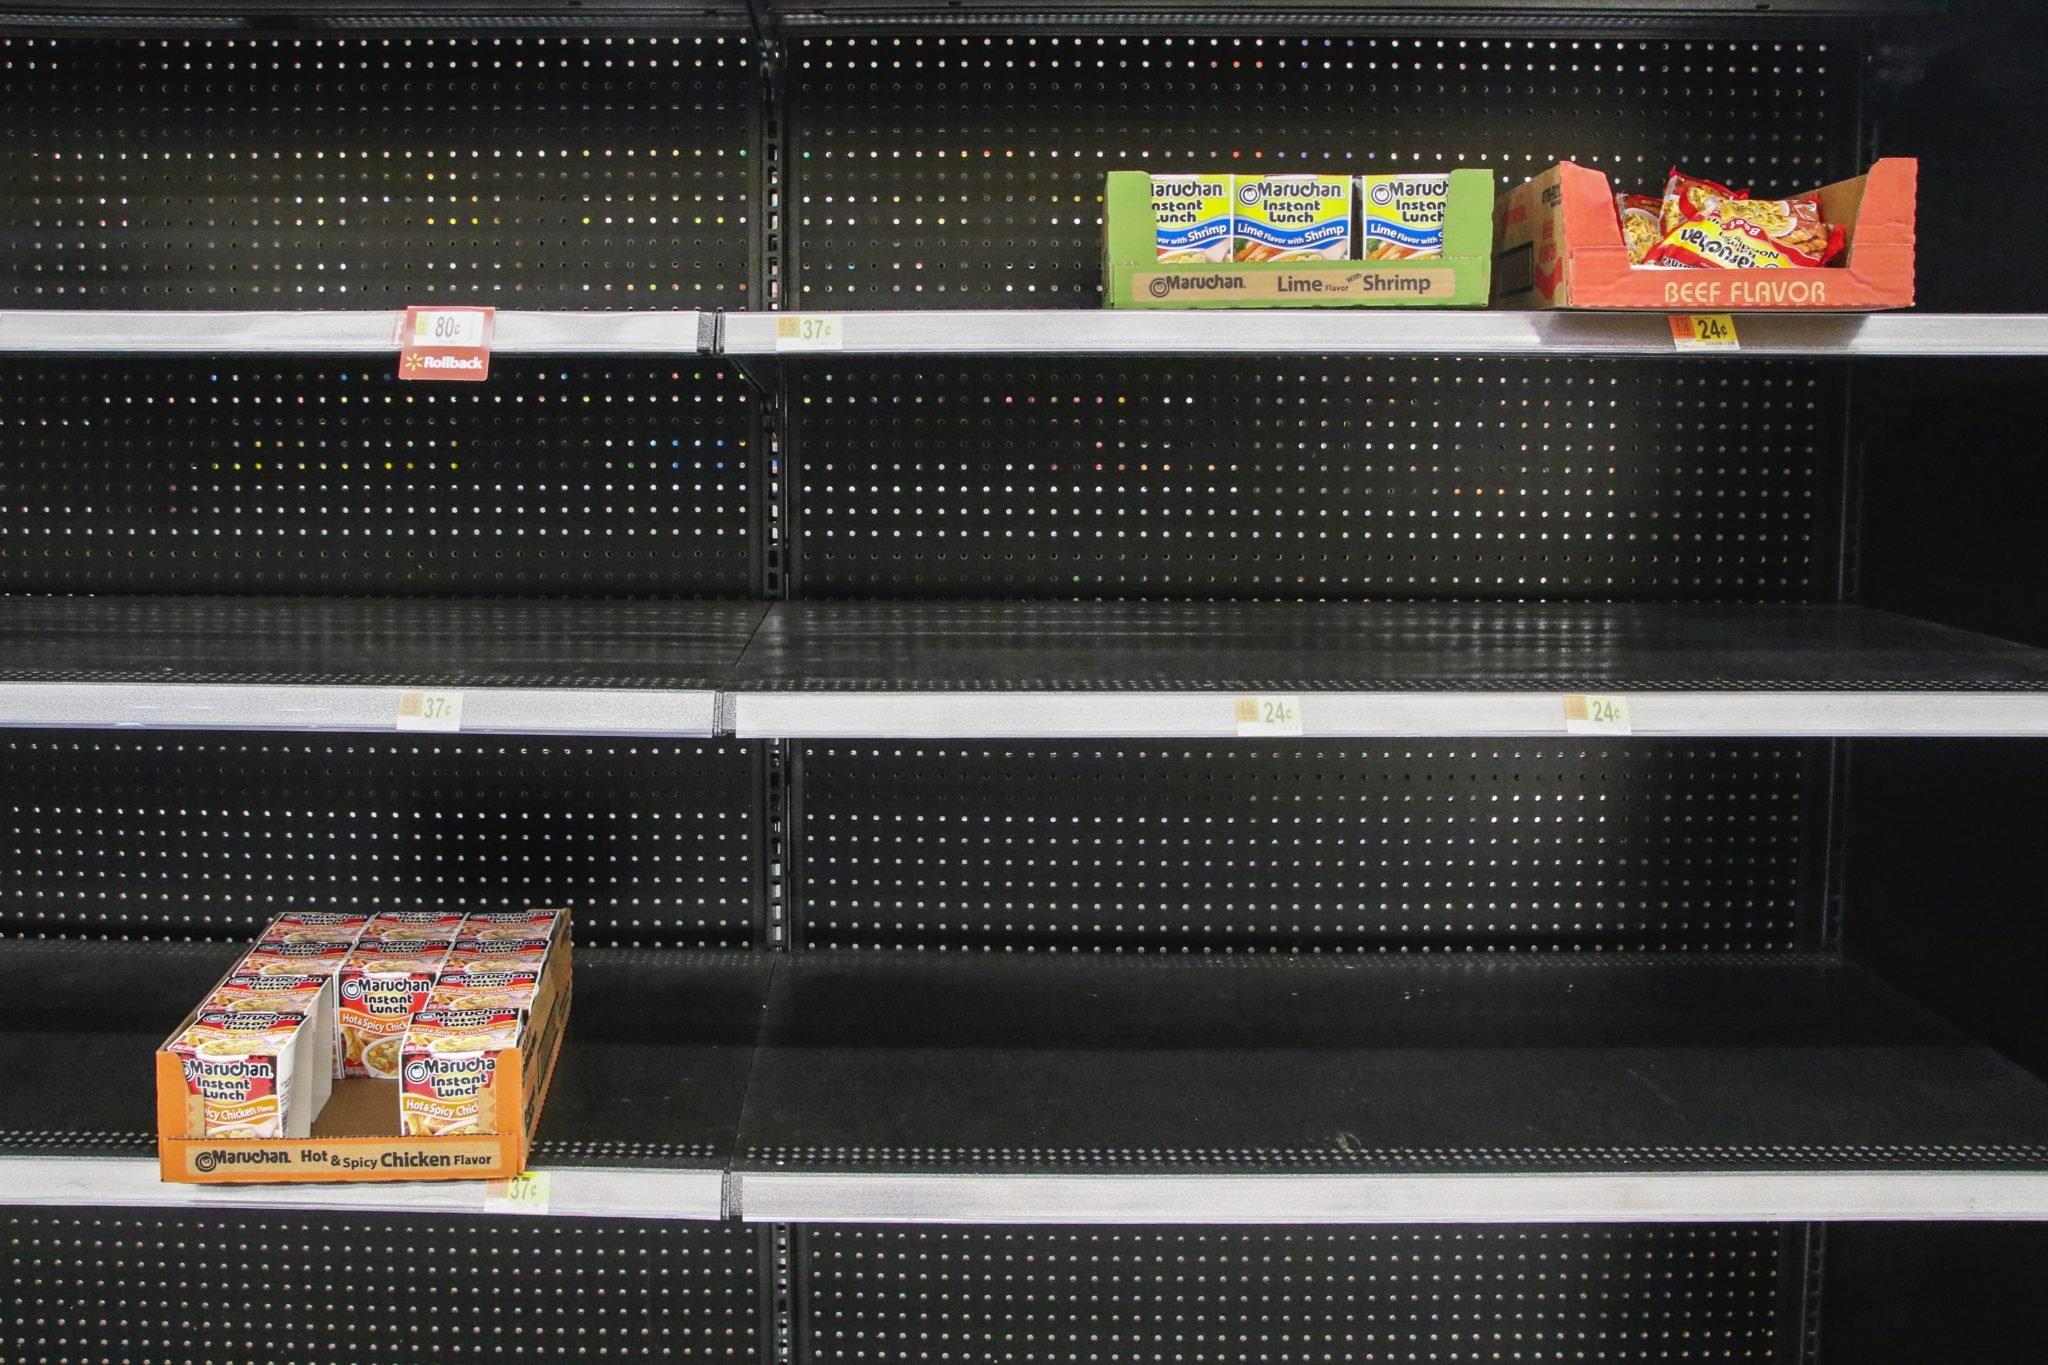 depleted grocery store shelves during coronavirus isolation